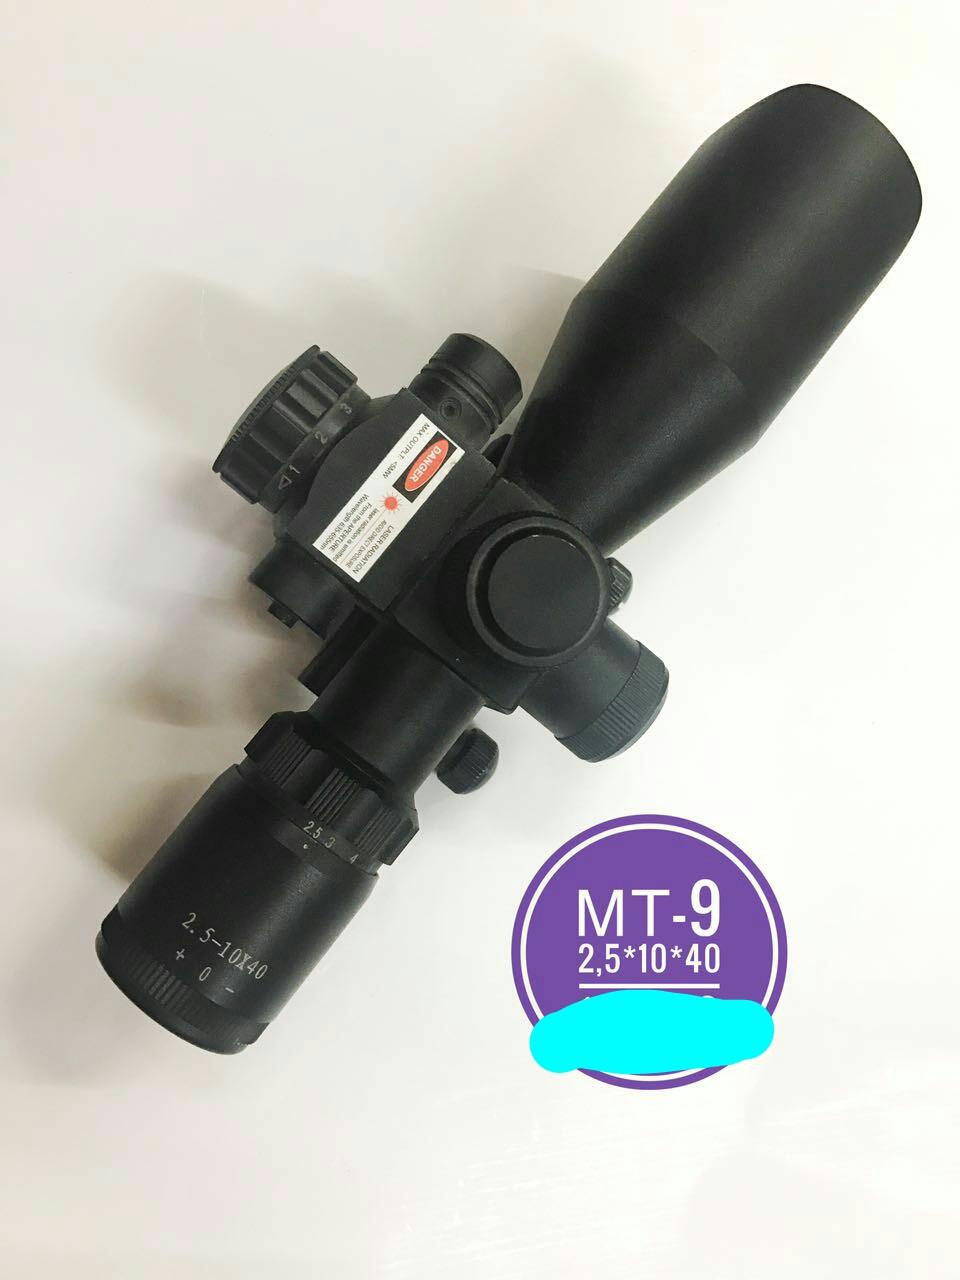 Оптический Прицел сцелеуказателем и подсветкой  МТ-9. 2.5-10х40